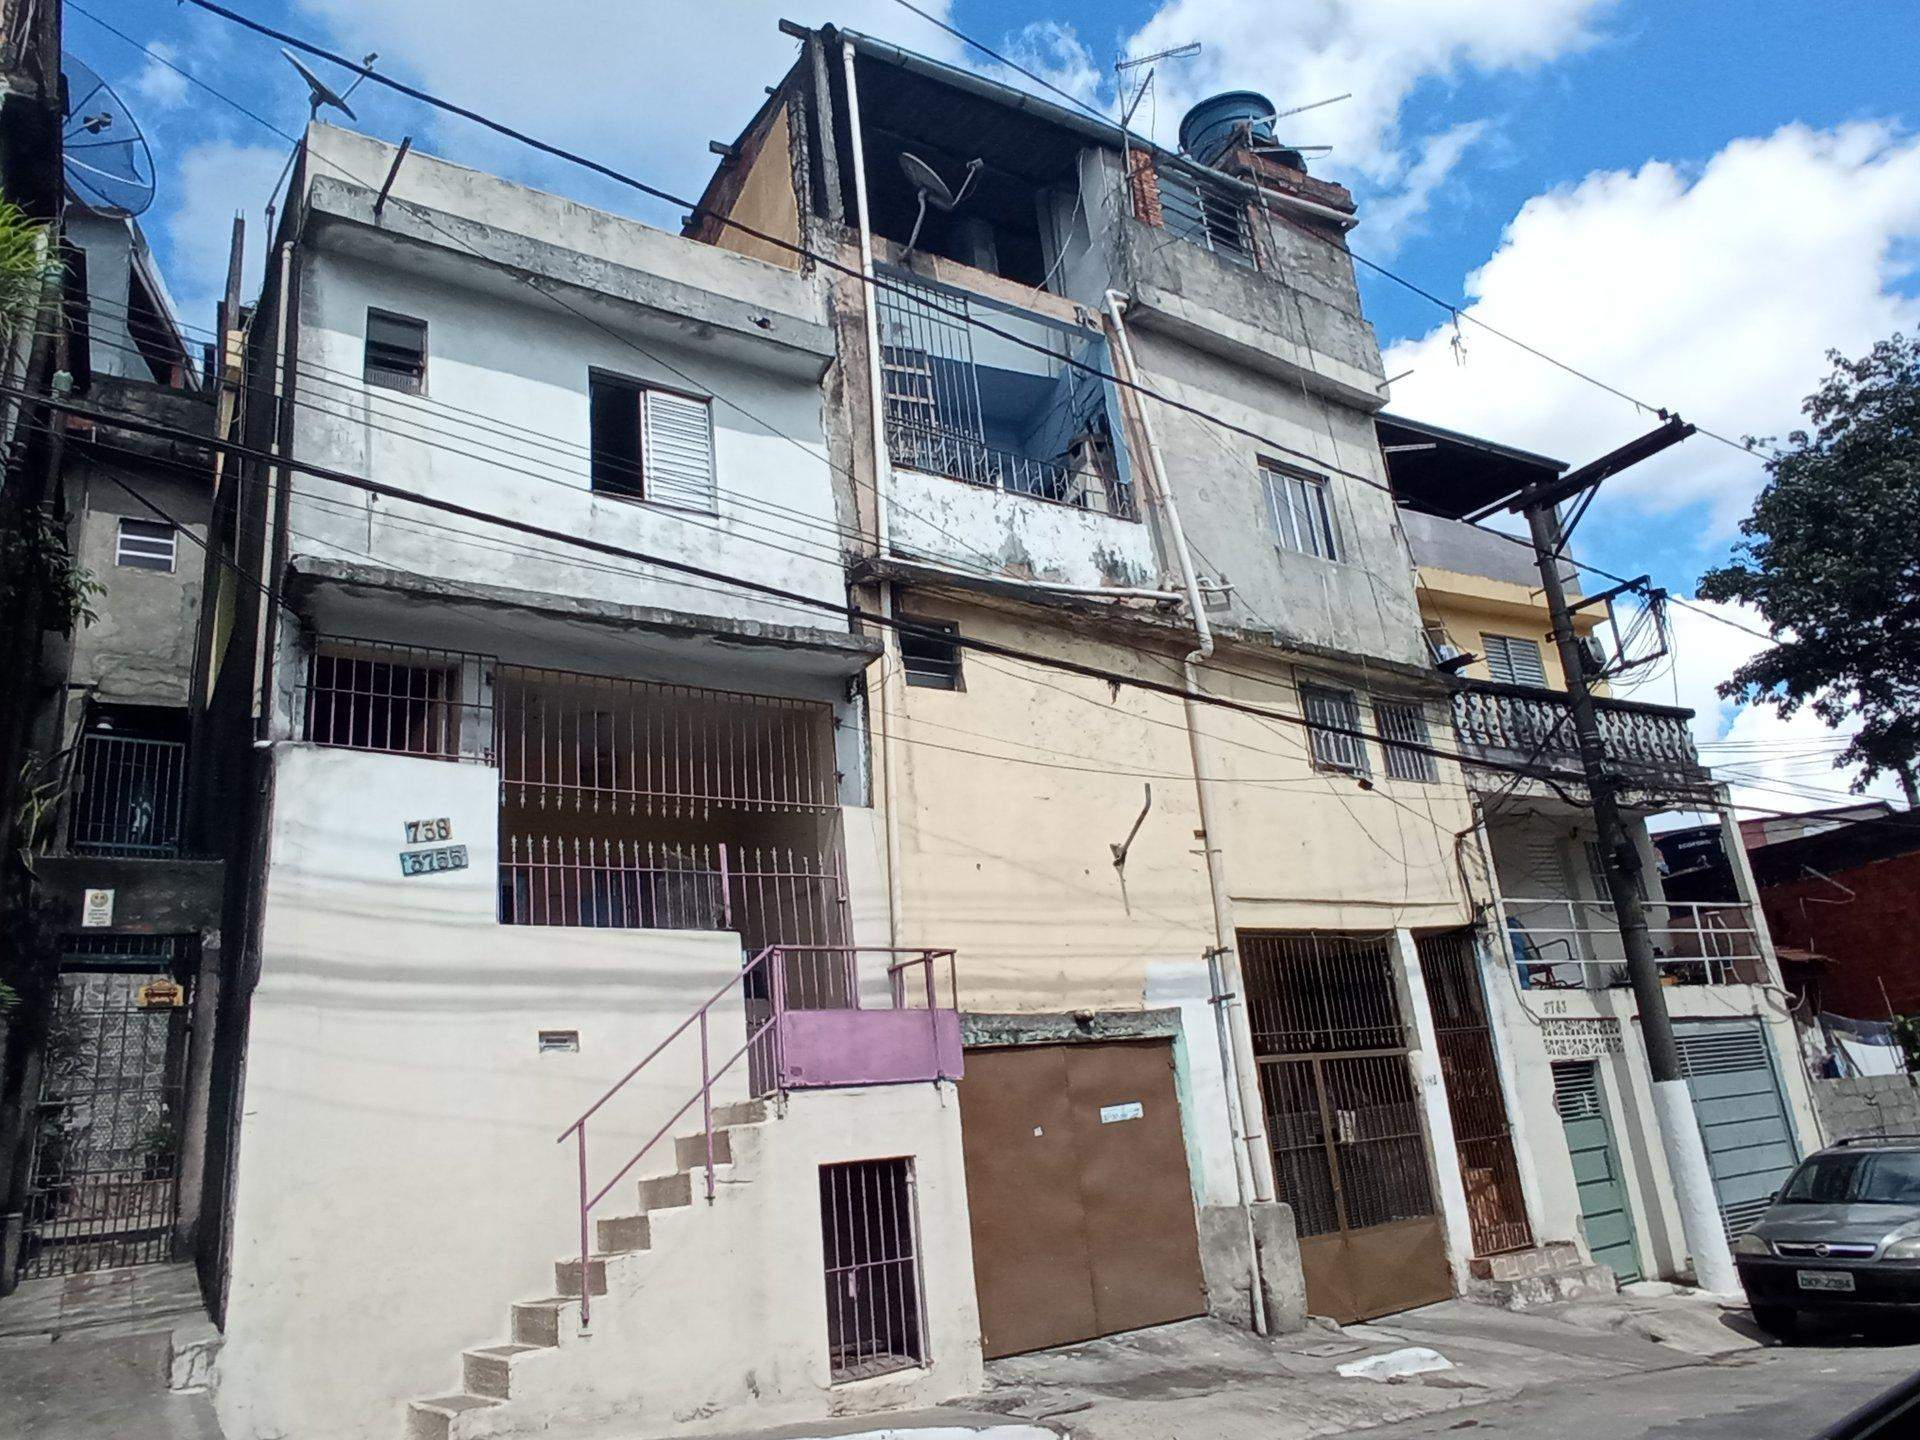 Бразильский самострой. Как выглядят дома, которые в Бразилии собирают из подручных материалов архитектура,где и как,кто,ремонт и строительство